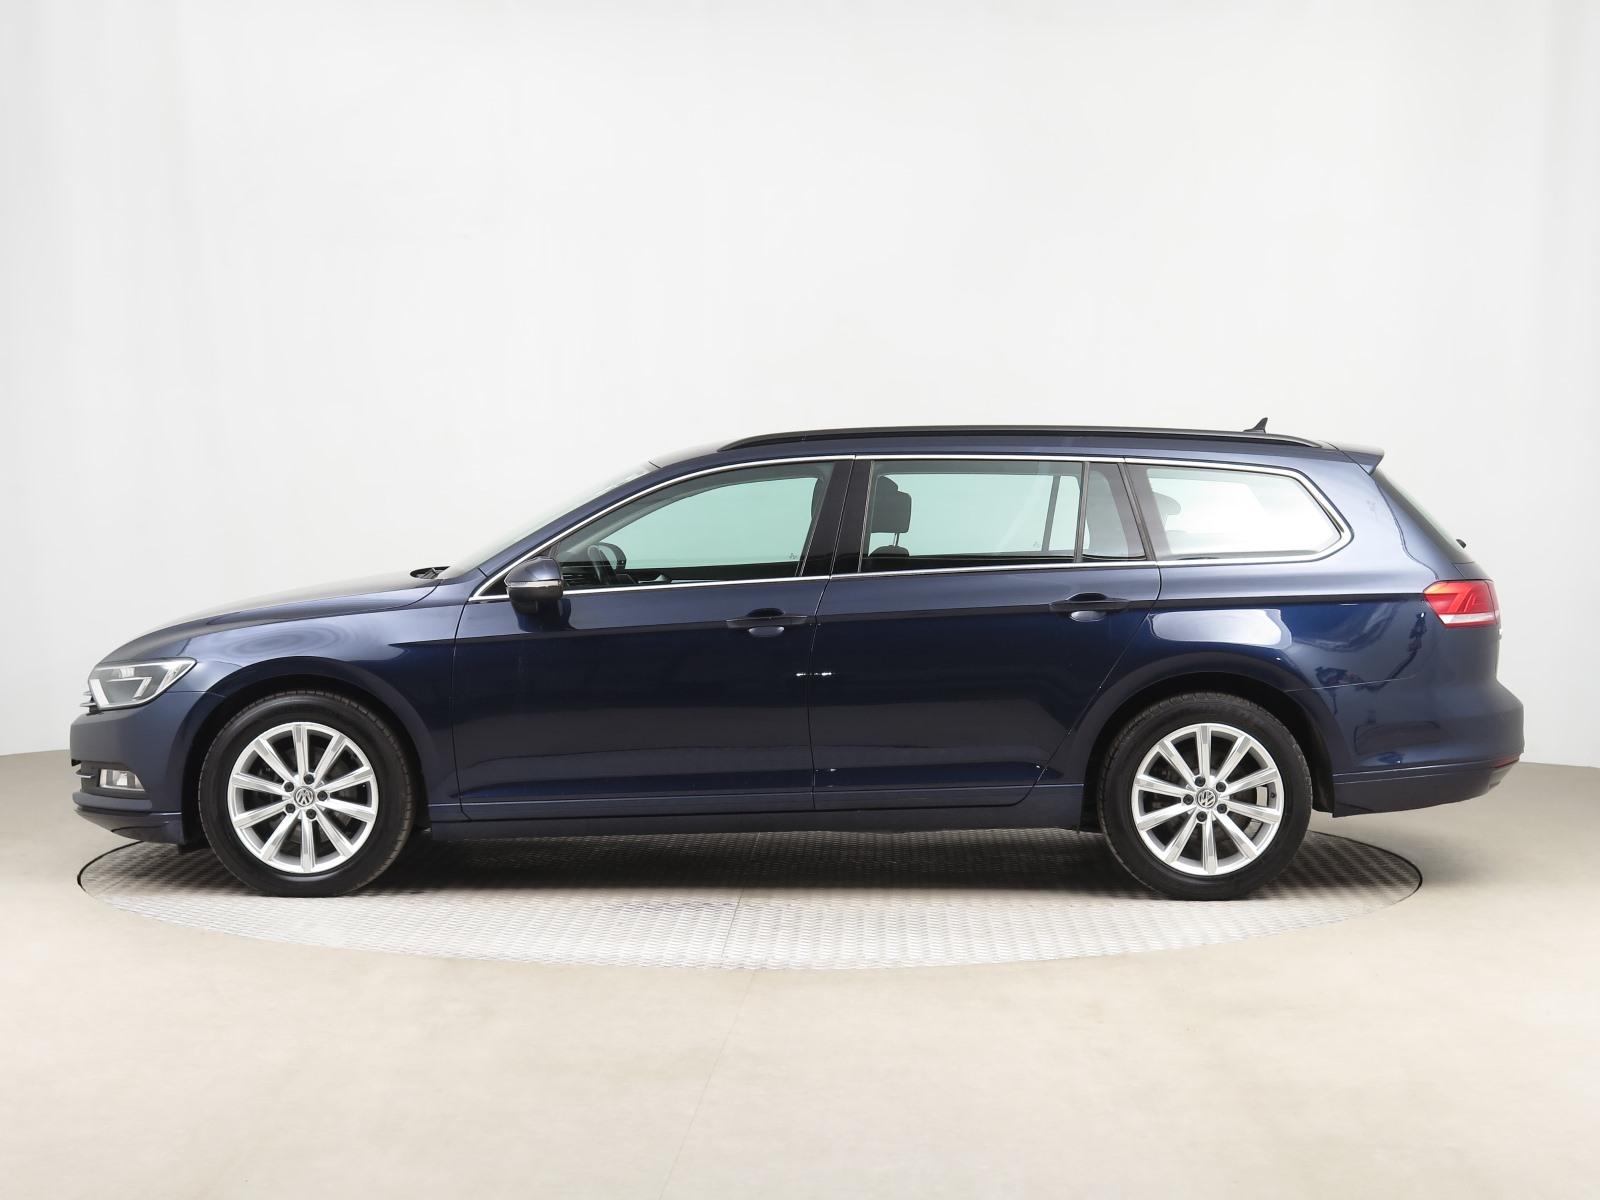 Volkswagen Passat, 2016 - pohled č. 4